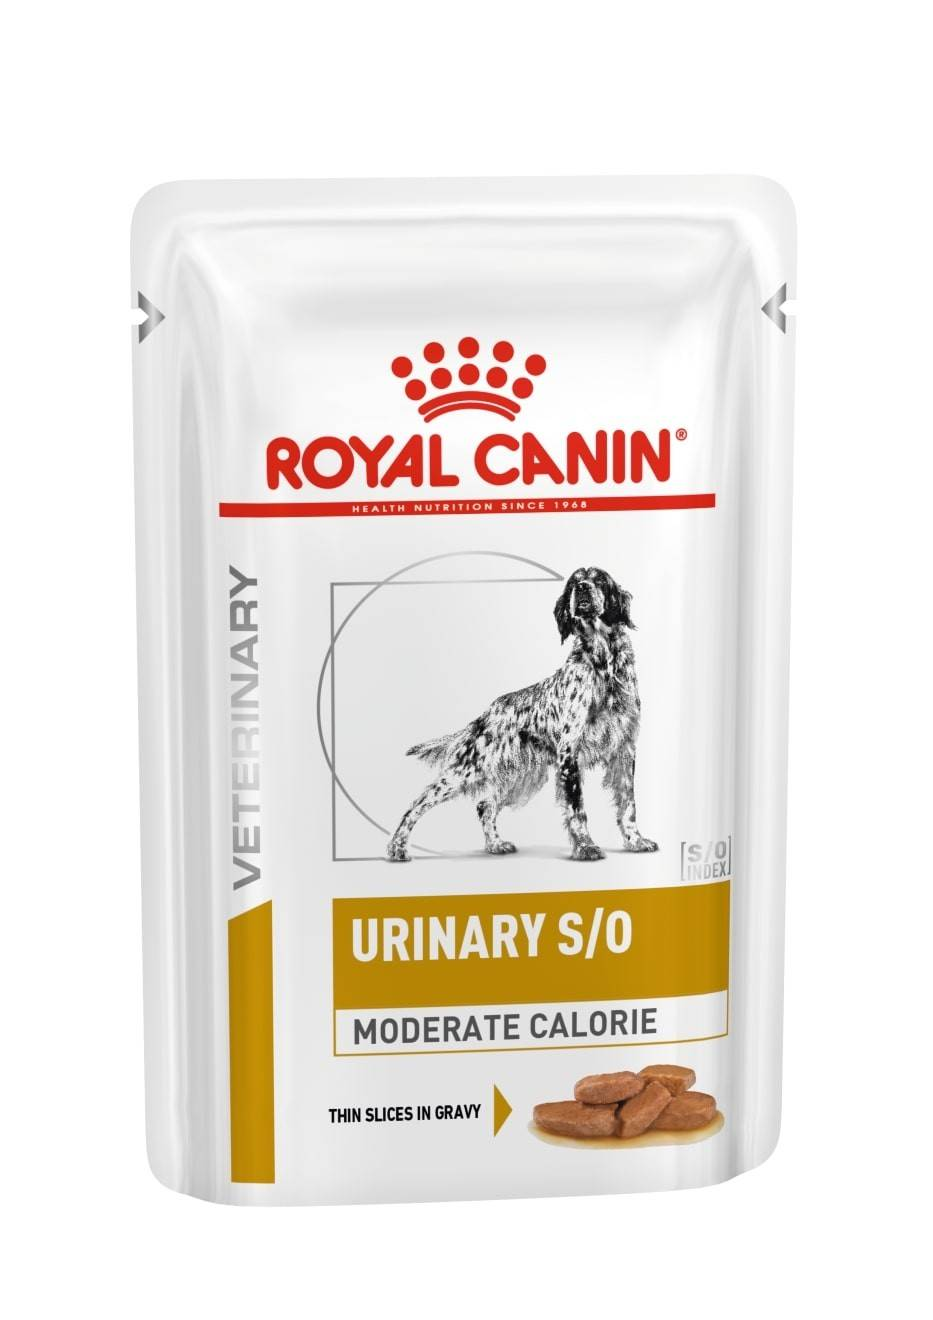 ROYAL CANIN URINARY S/O MODERATE CALORIE – лікувальний вологий корм, шматочки в підливі, для собак при захворюваннях нижніх сечовивідних шляхів